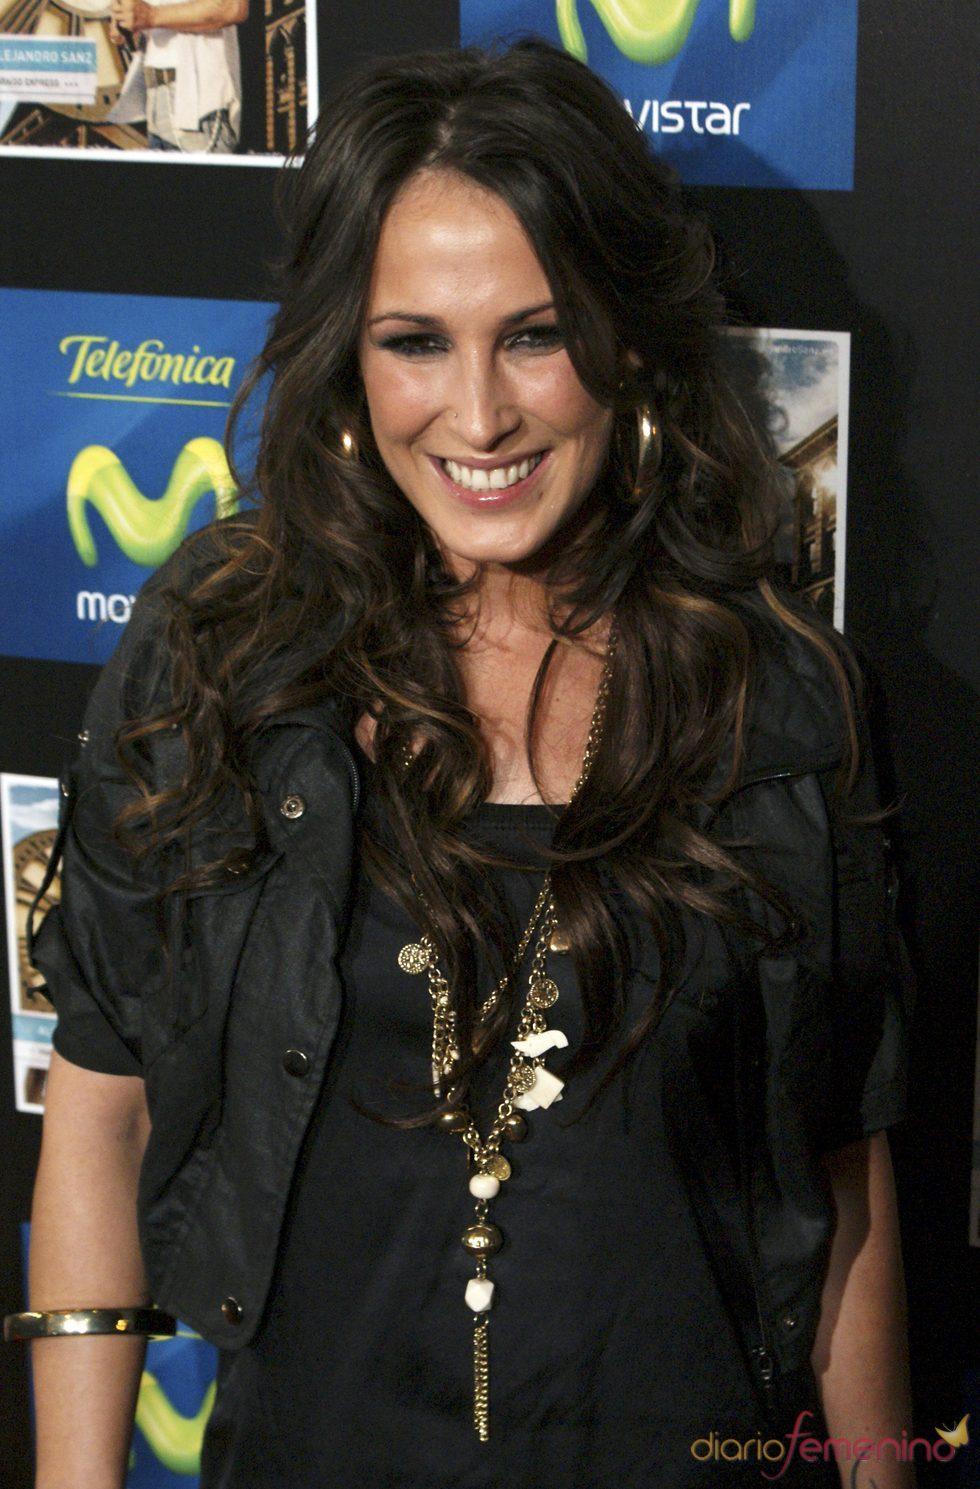 Malú ofrece un concierto en el Palacio de los Deportes de Madrid